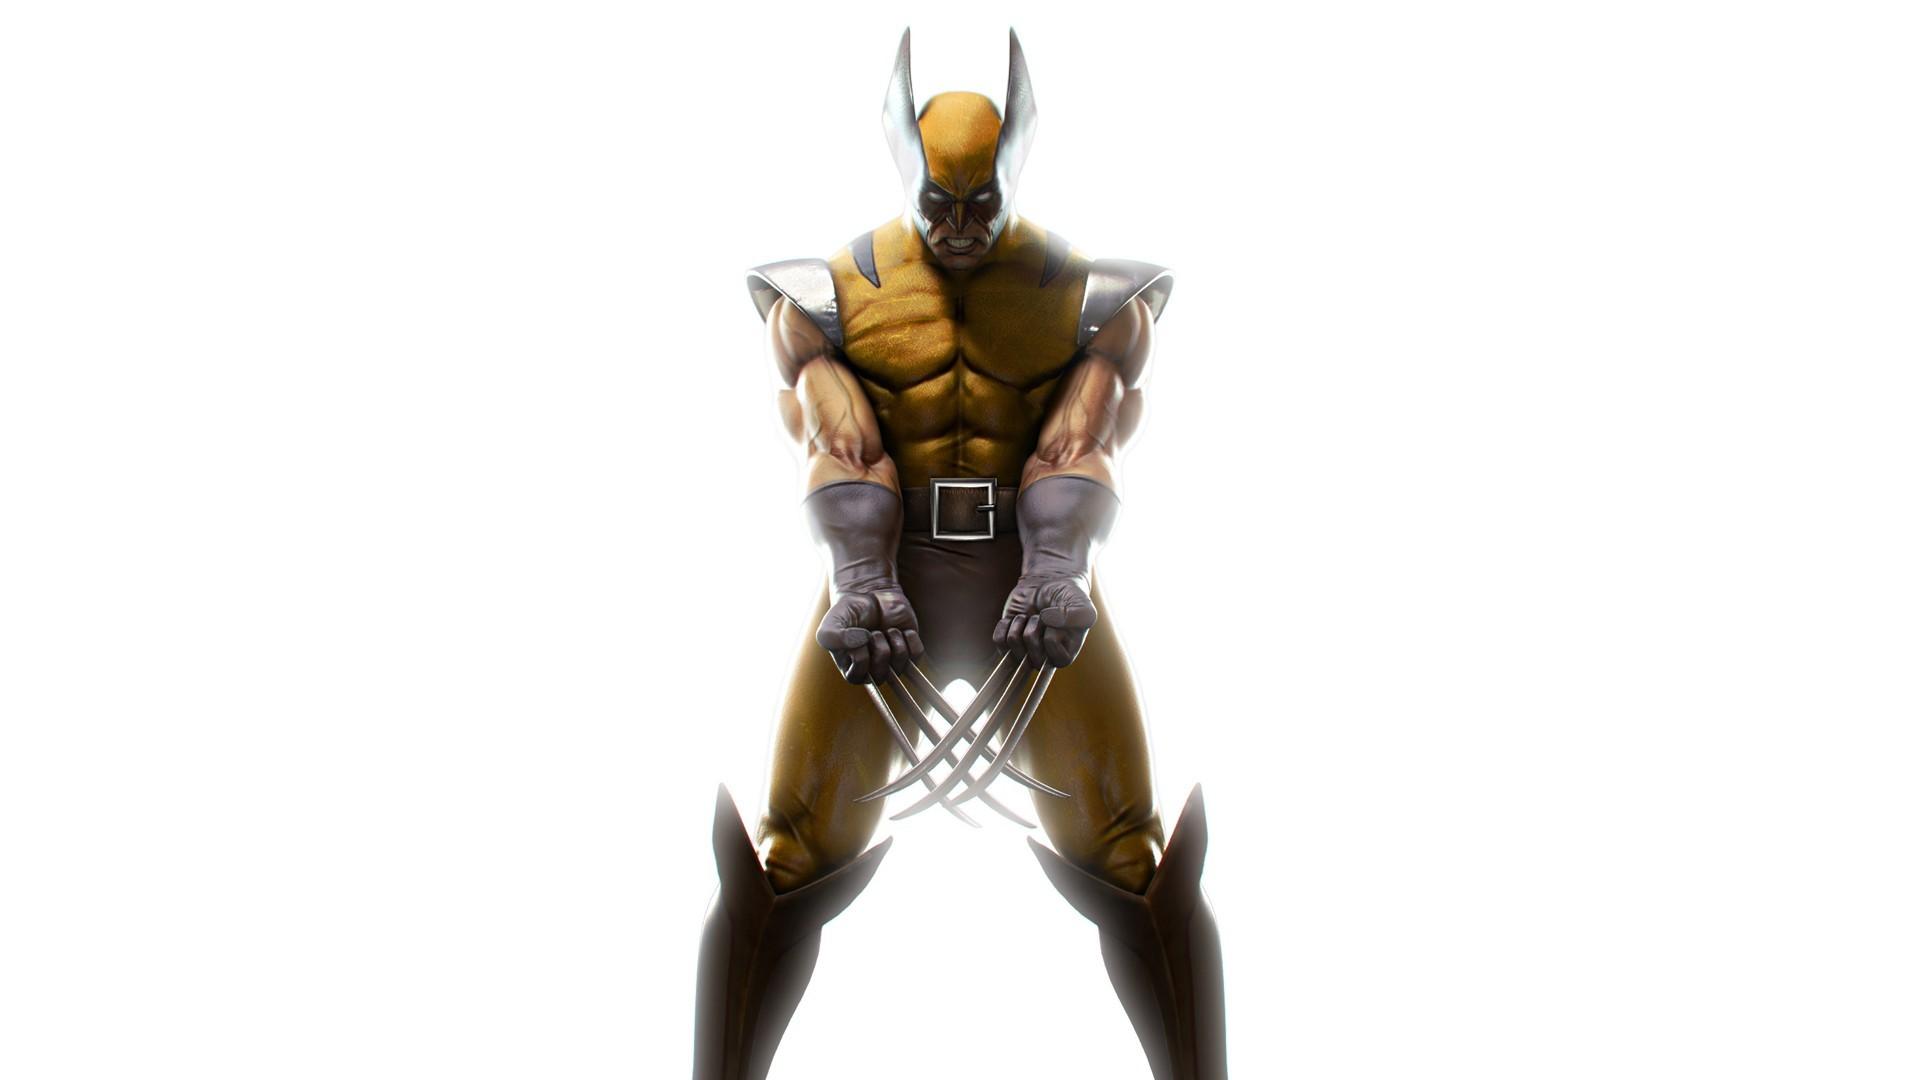 Wolverine Computer Wallpapers Desktop Backgrounds x